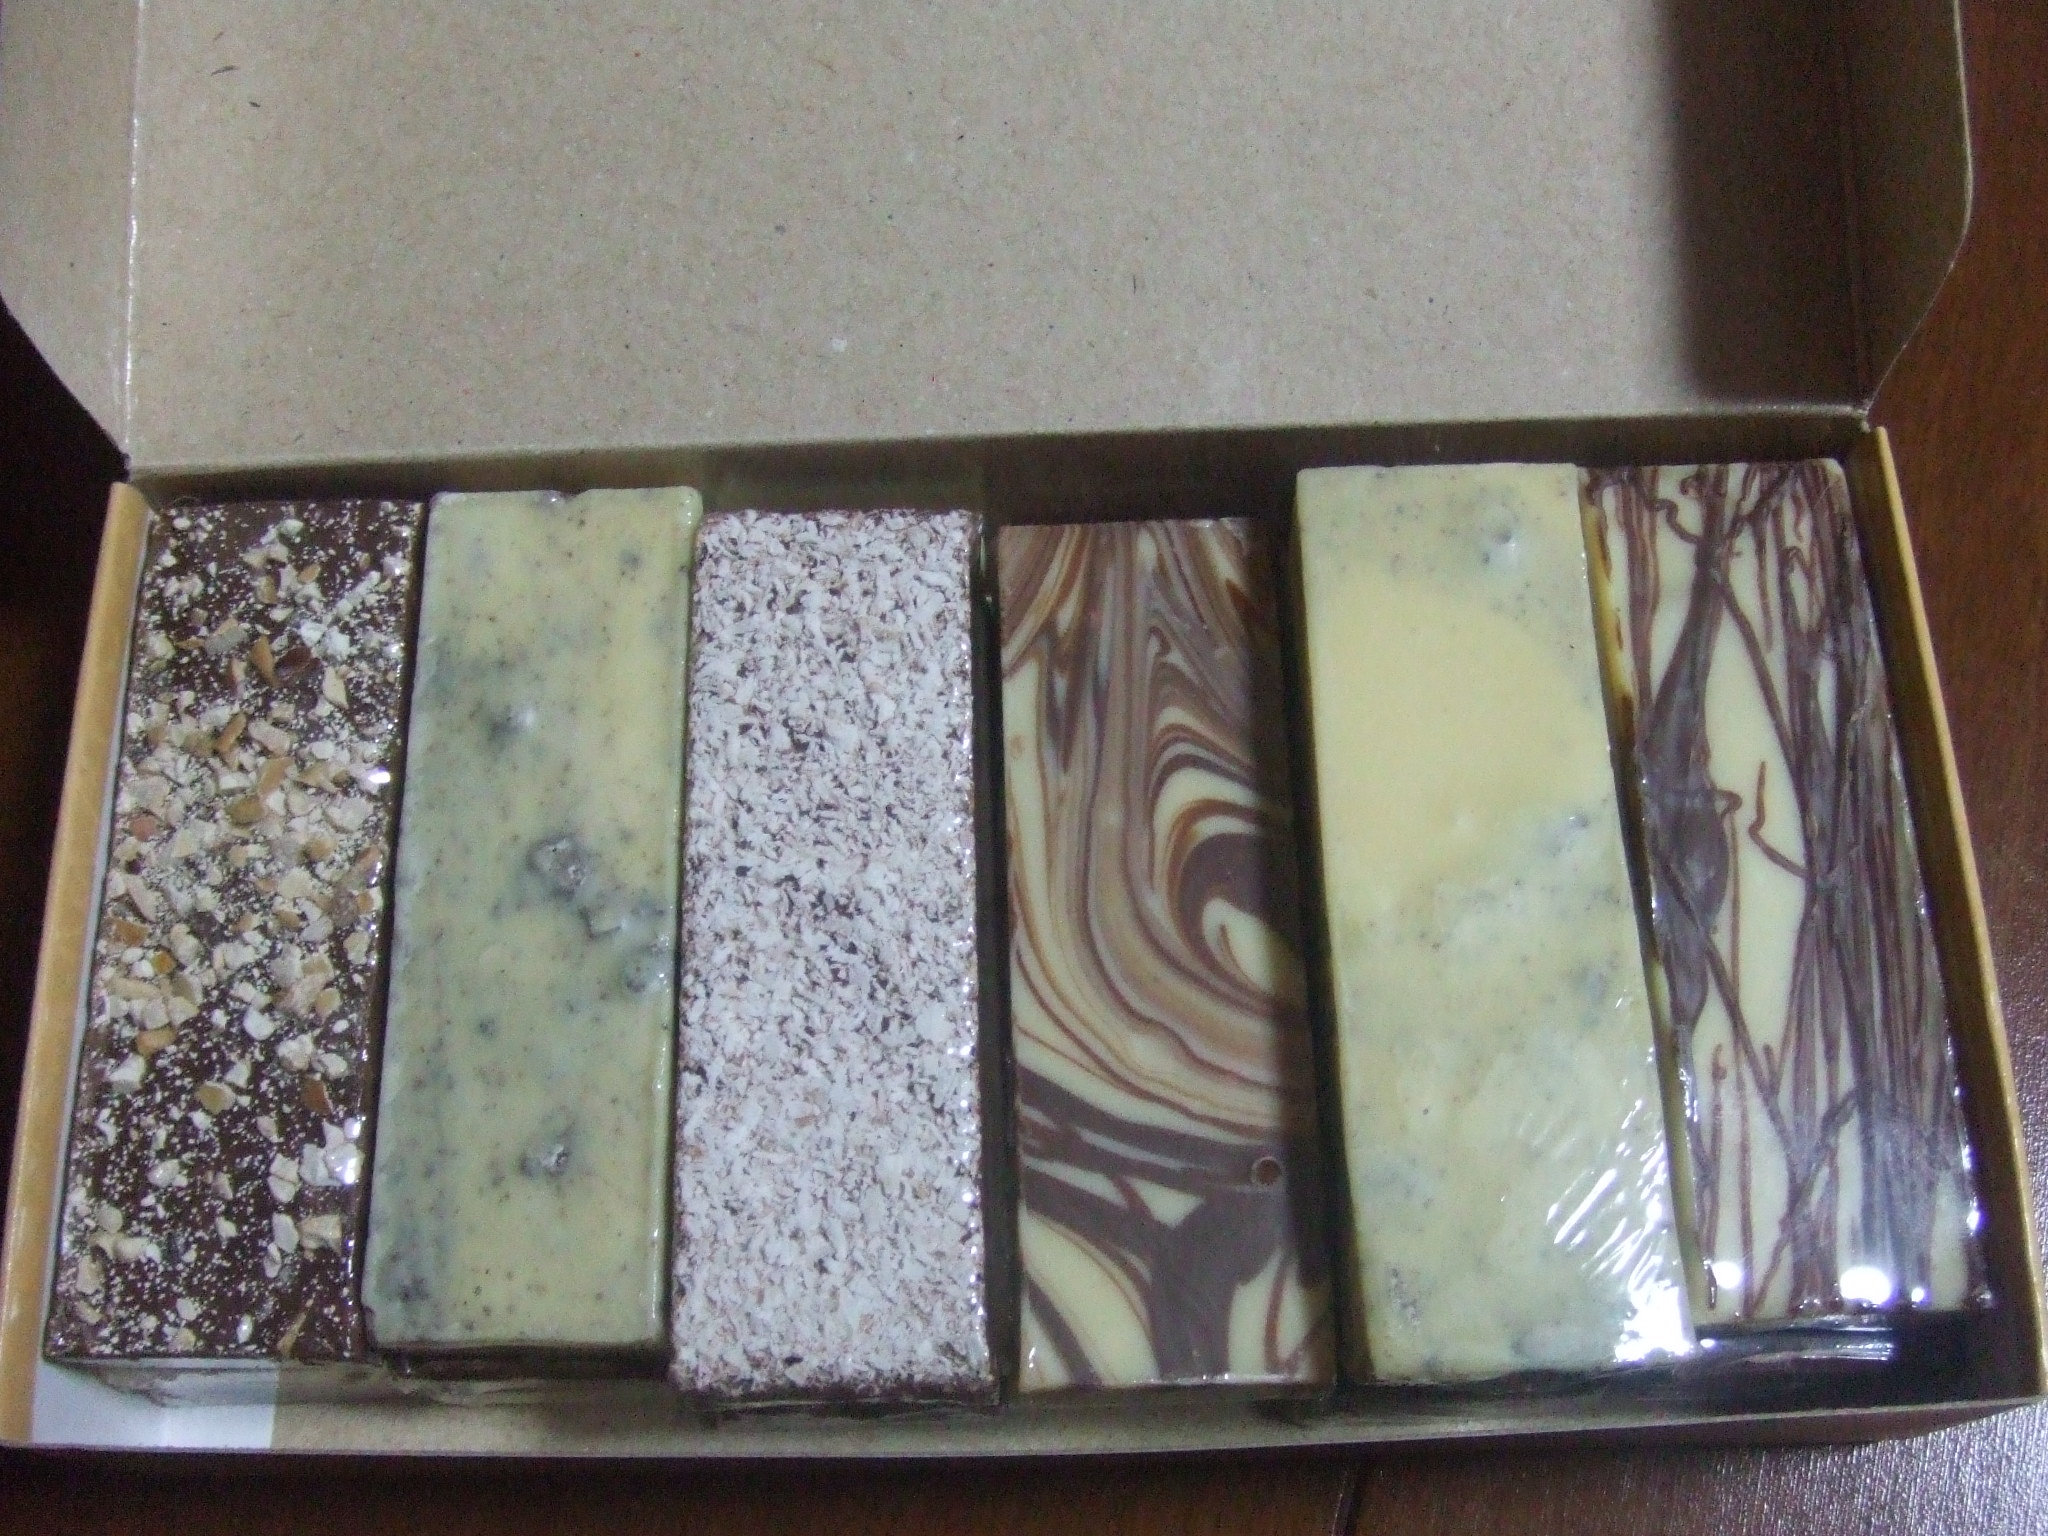 Gramadoで購入したチョコレート